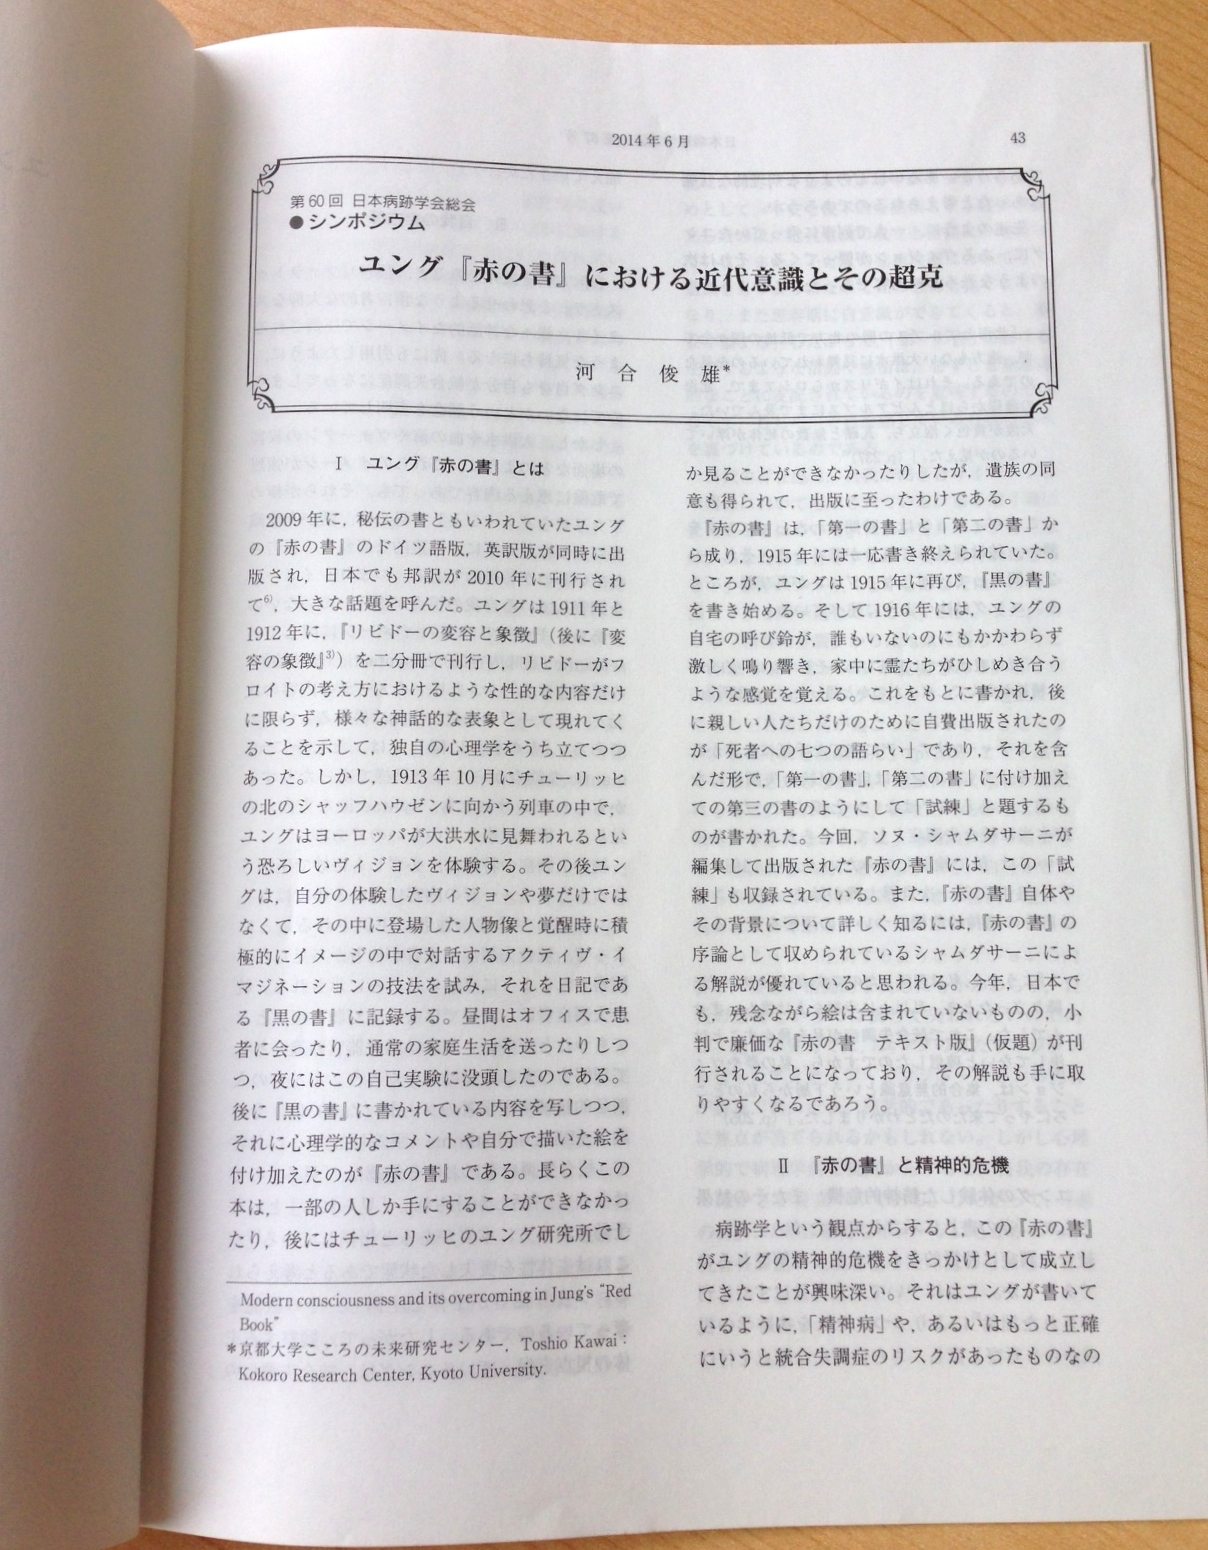 河合教授の論文が『日本病跡学雑誌』(日本病跡学会発行)に掲載されました